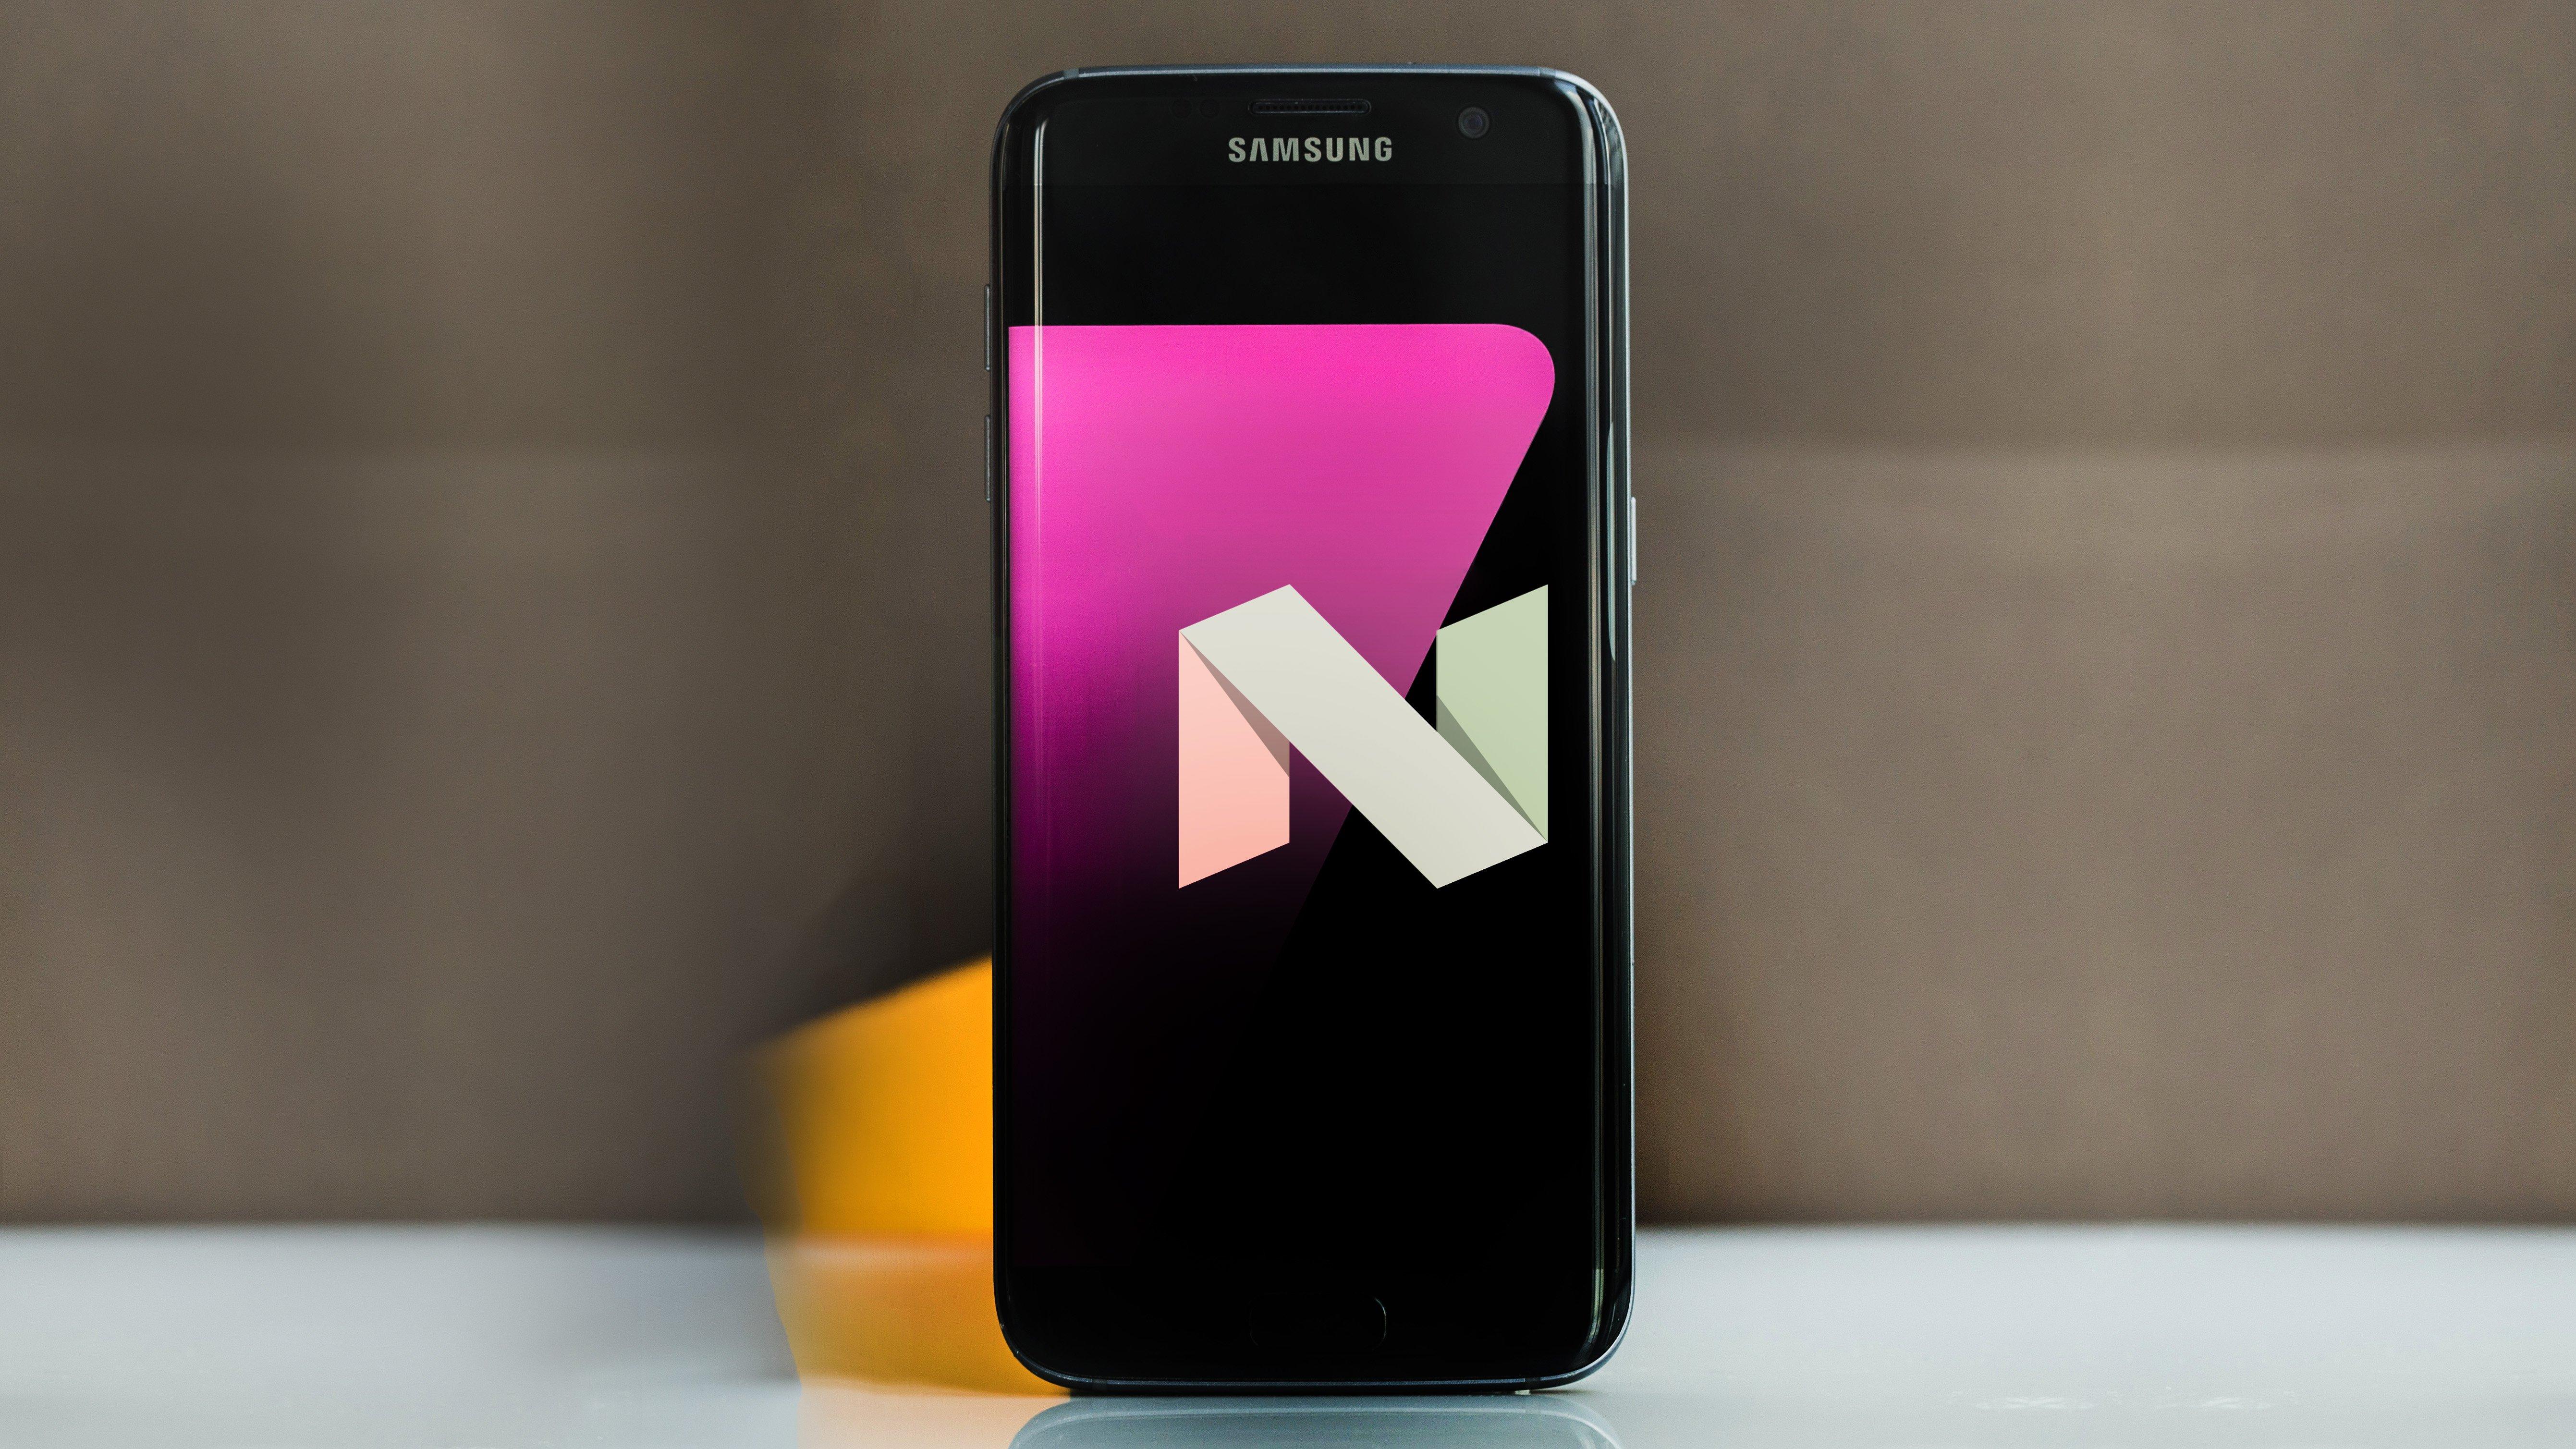 La soluzione Samsung Galaxy S7 non si aggiorna a Nougat 1